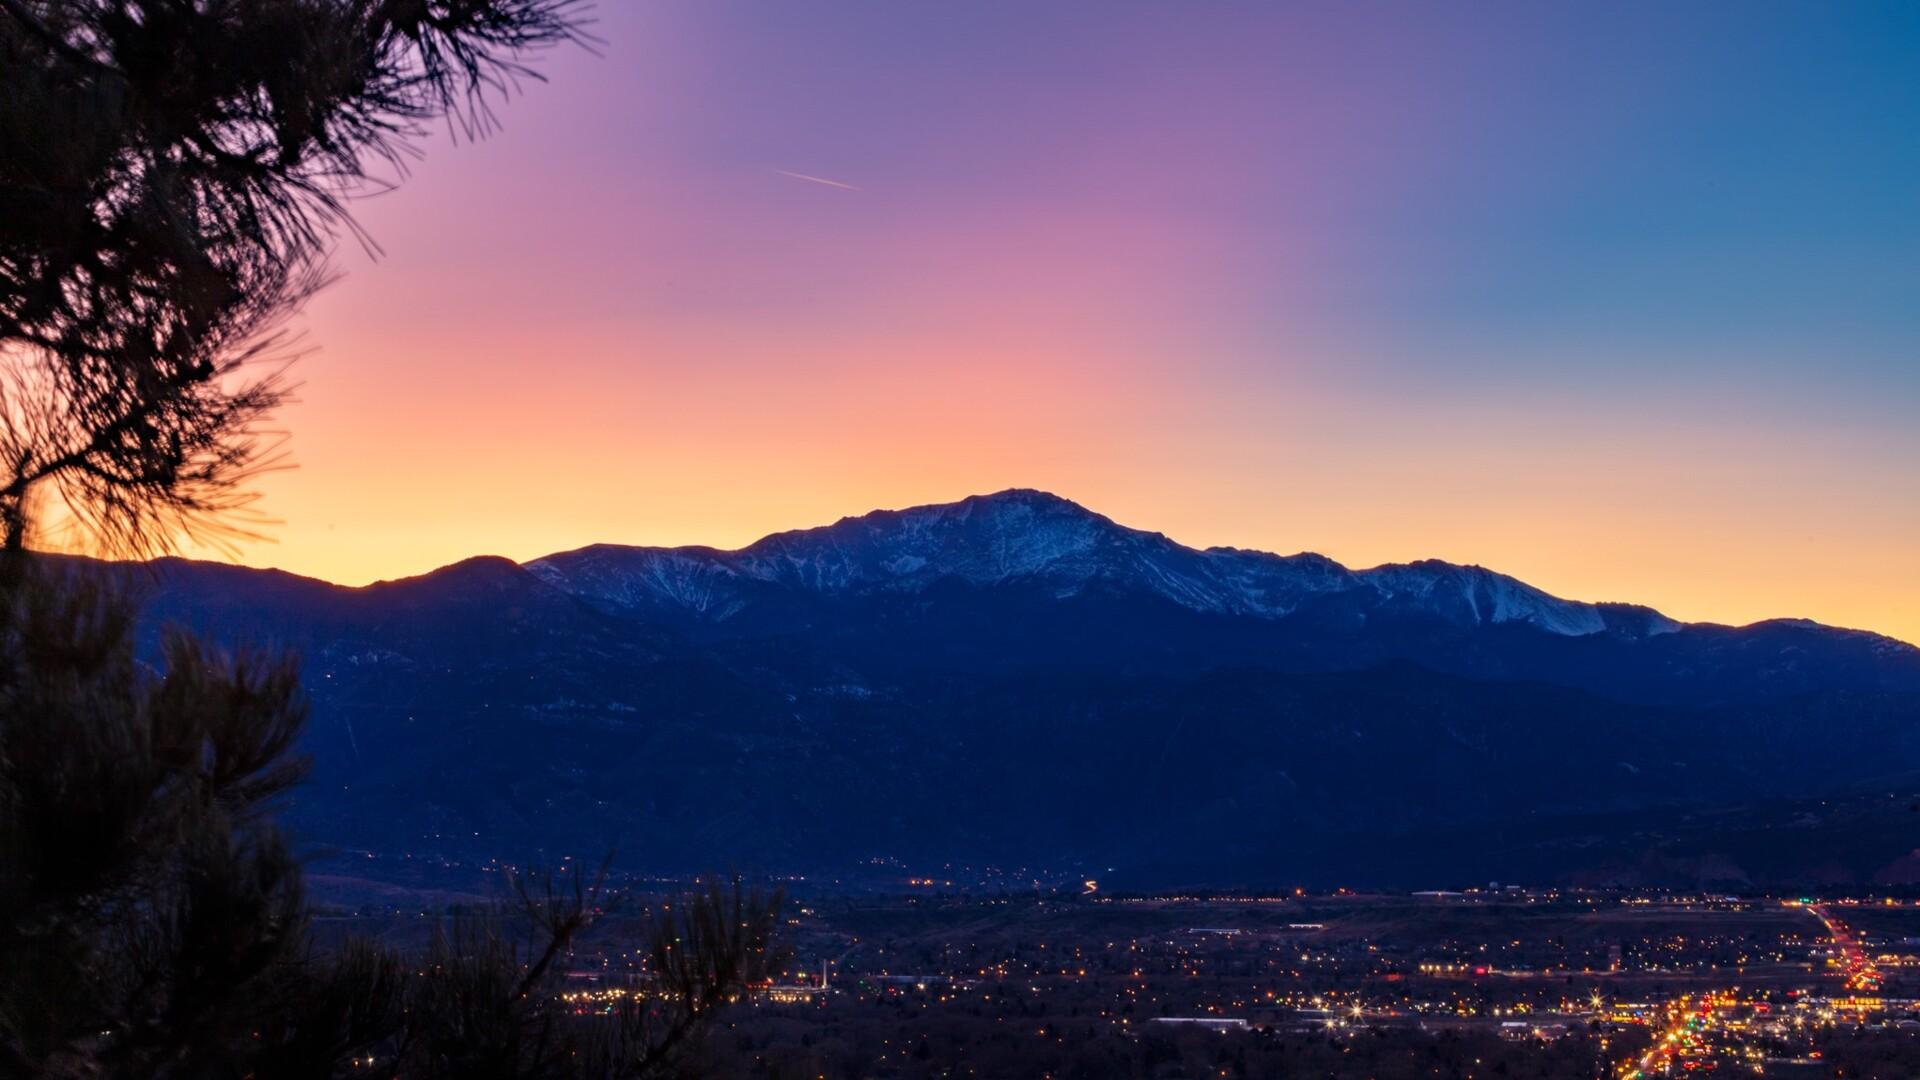 Pikes Peak Sunset Daniel Forster.jpg